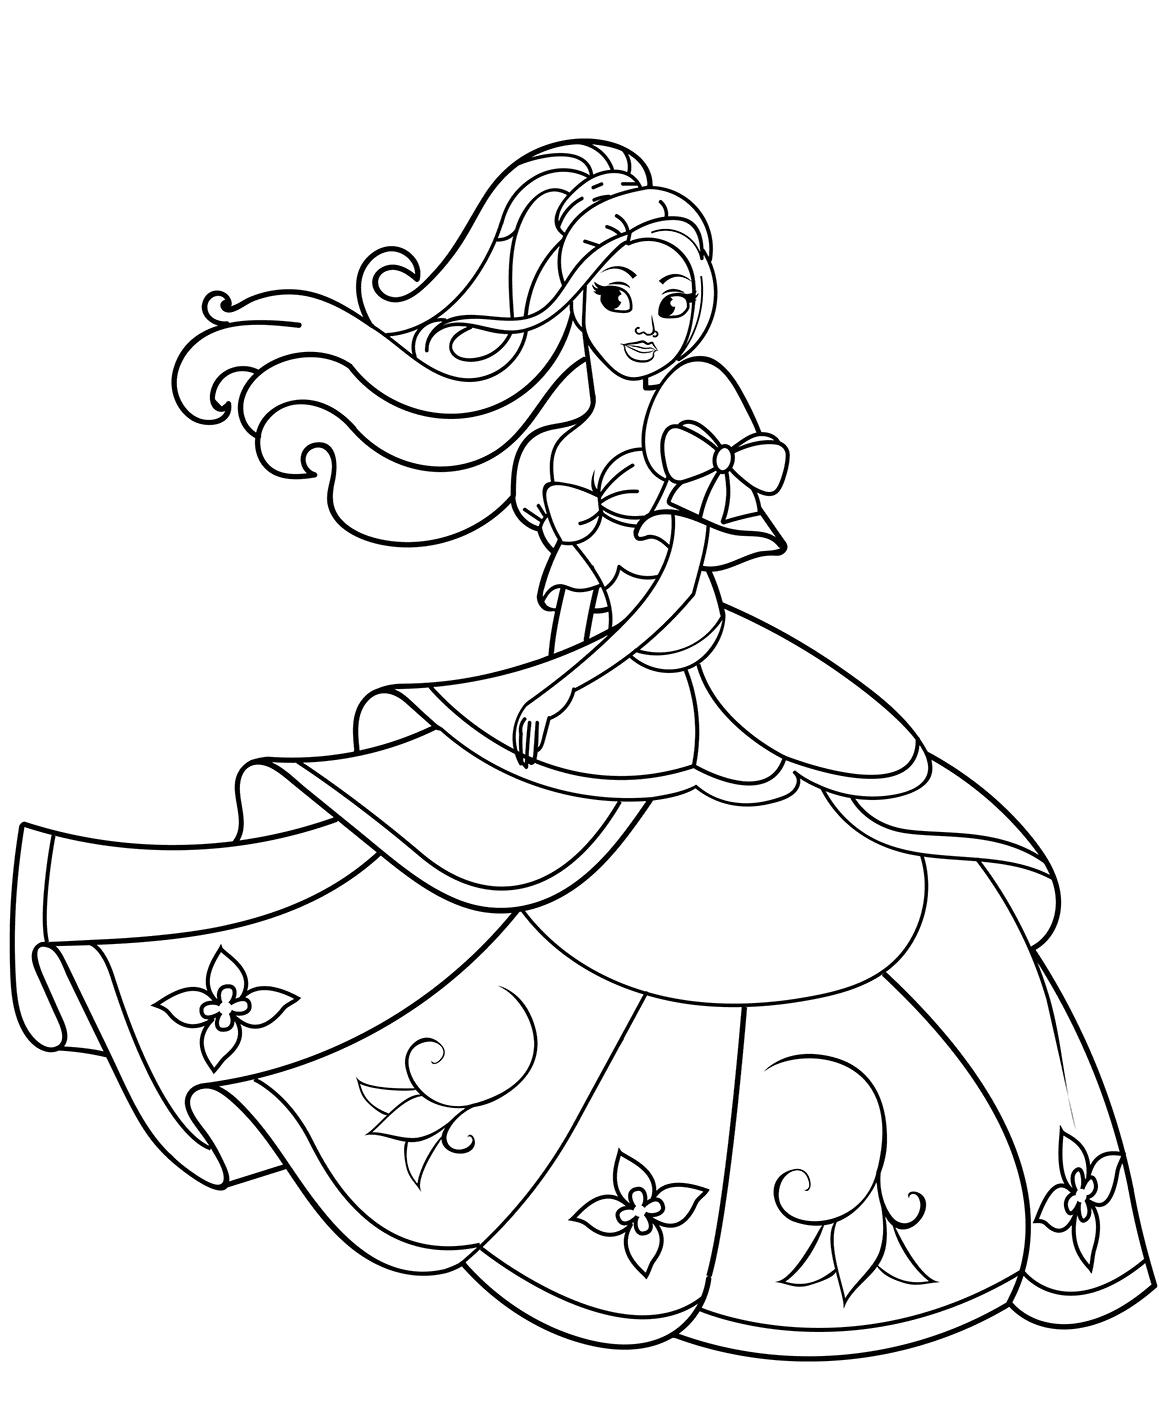 Tranh tô màu công chúa Barbie đơn giản, sắc nét